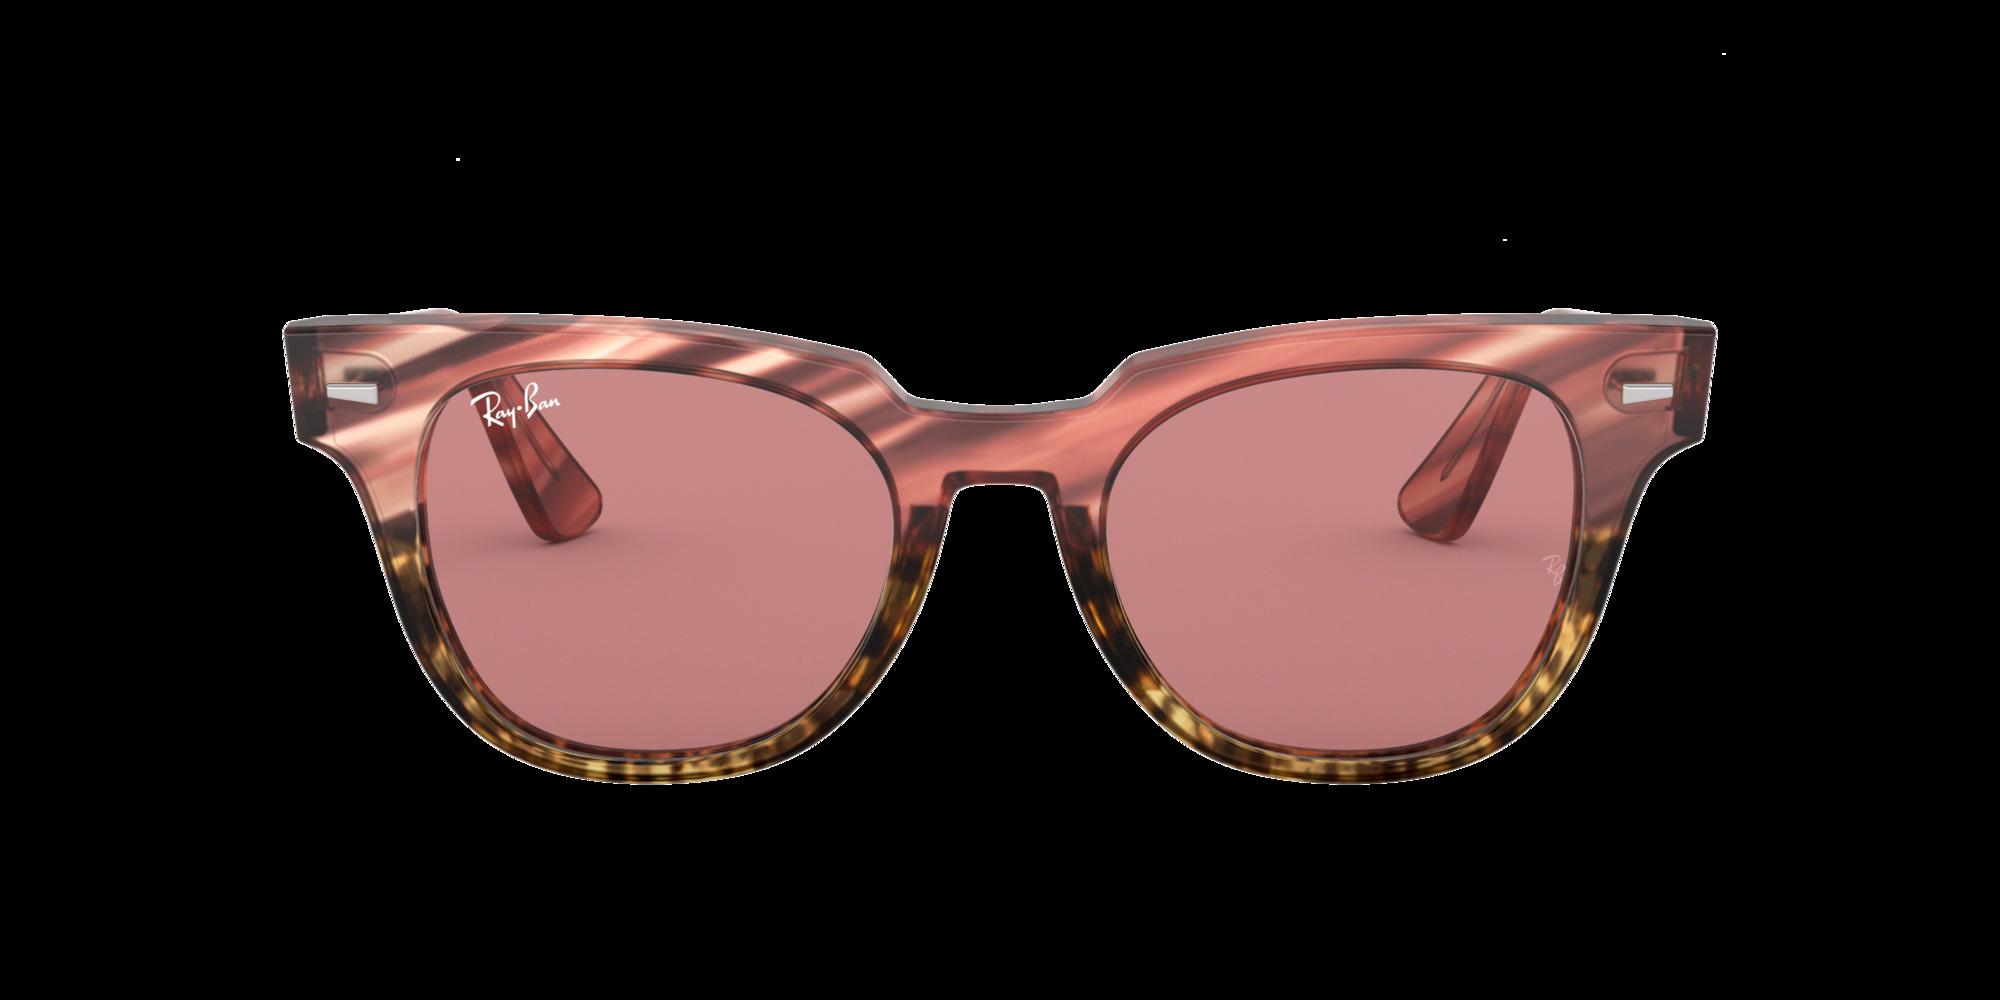 Image de RB2168 50 METEOR from LensCrafters | Lunettes, lunettes d'ordonnance en ligne, lunetterie